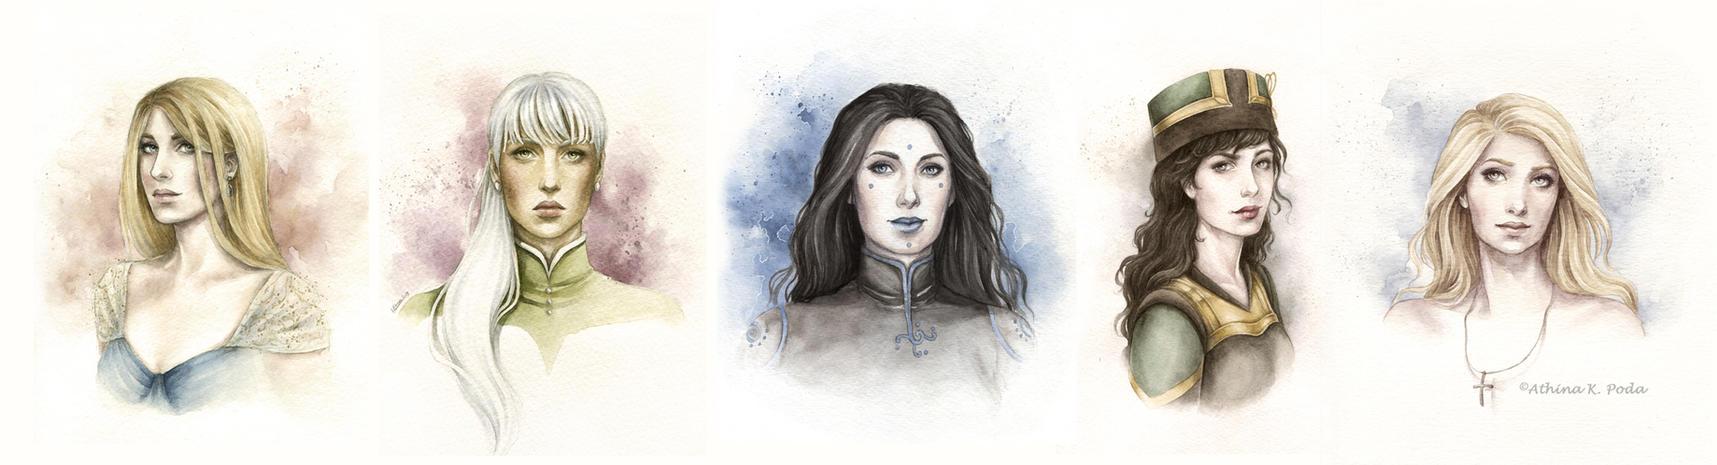 Portrait Commissions by Achen089